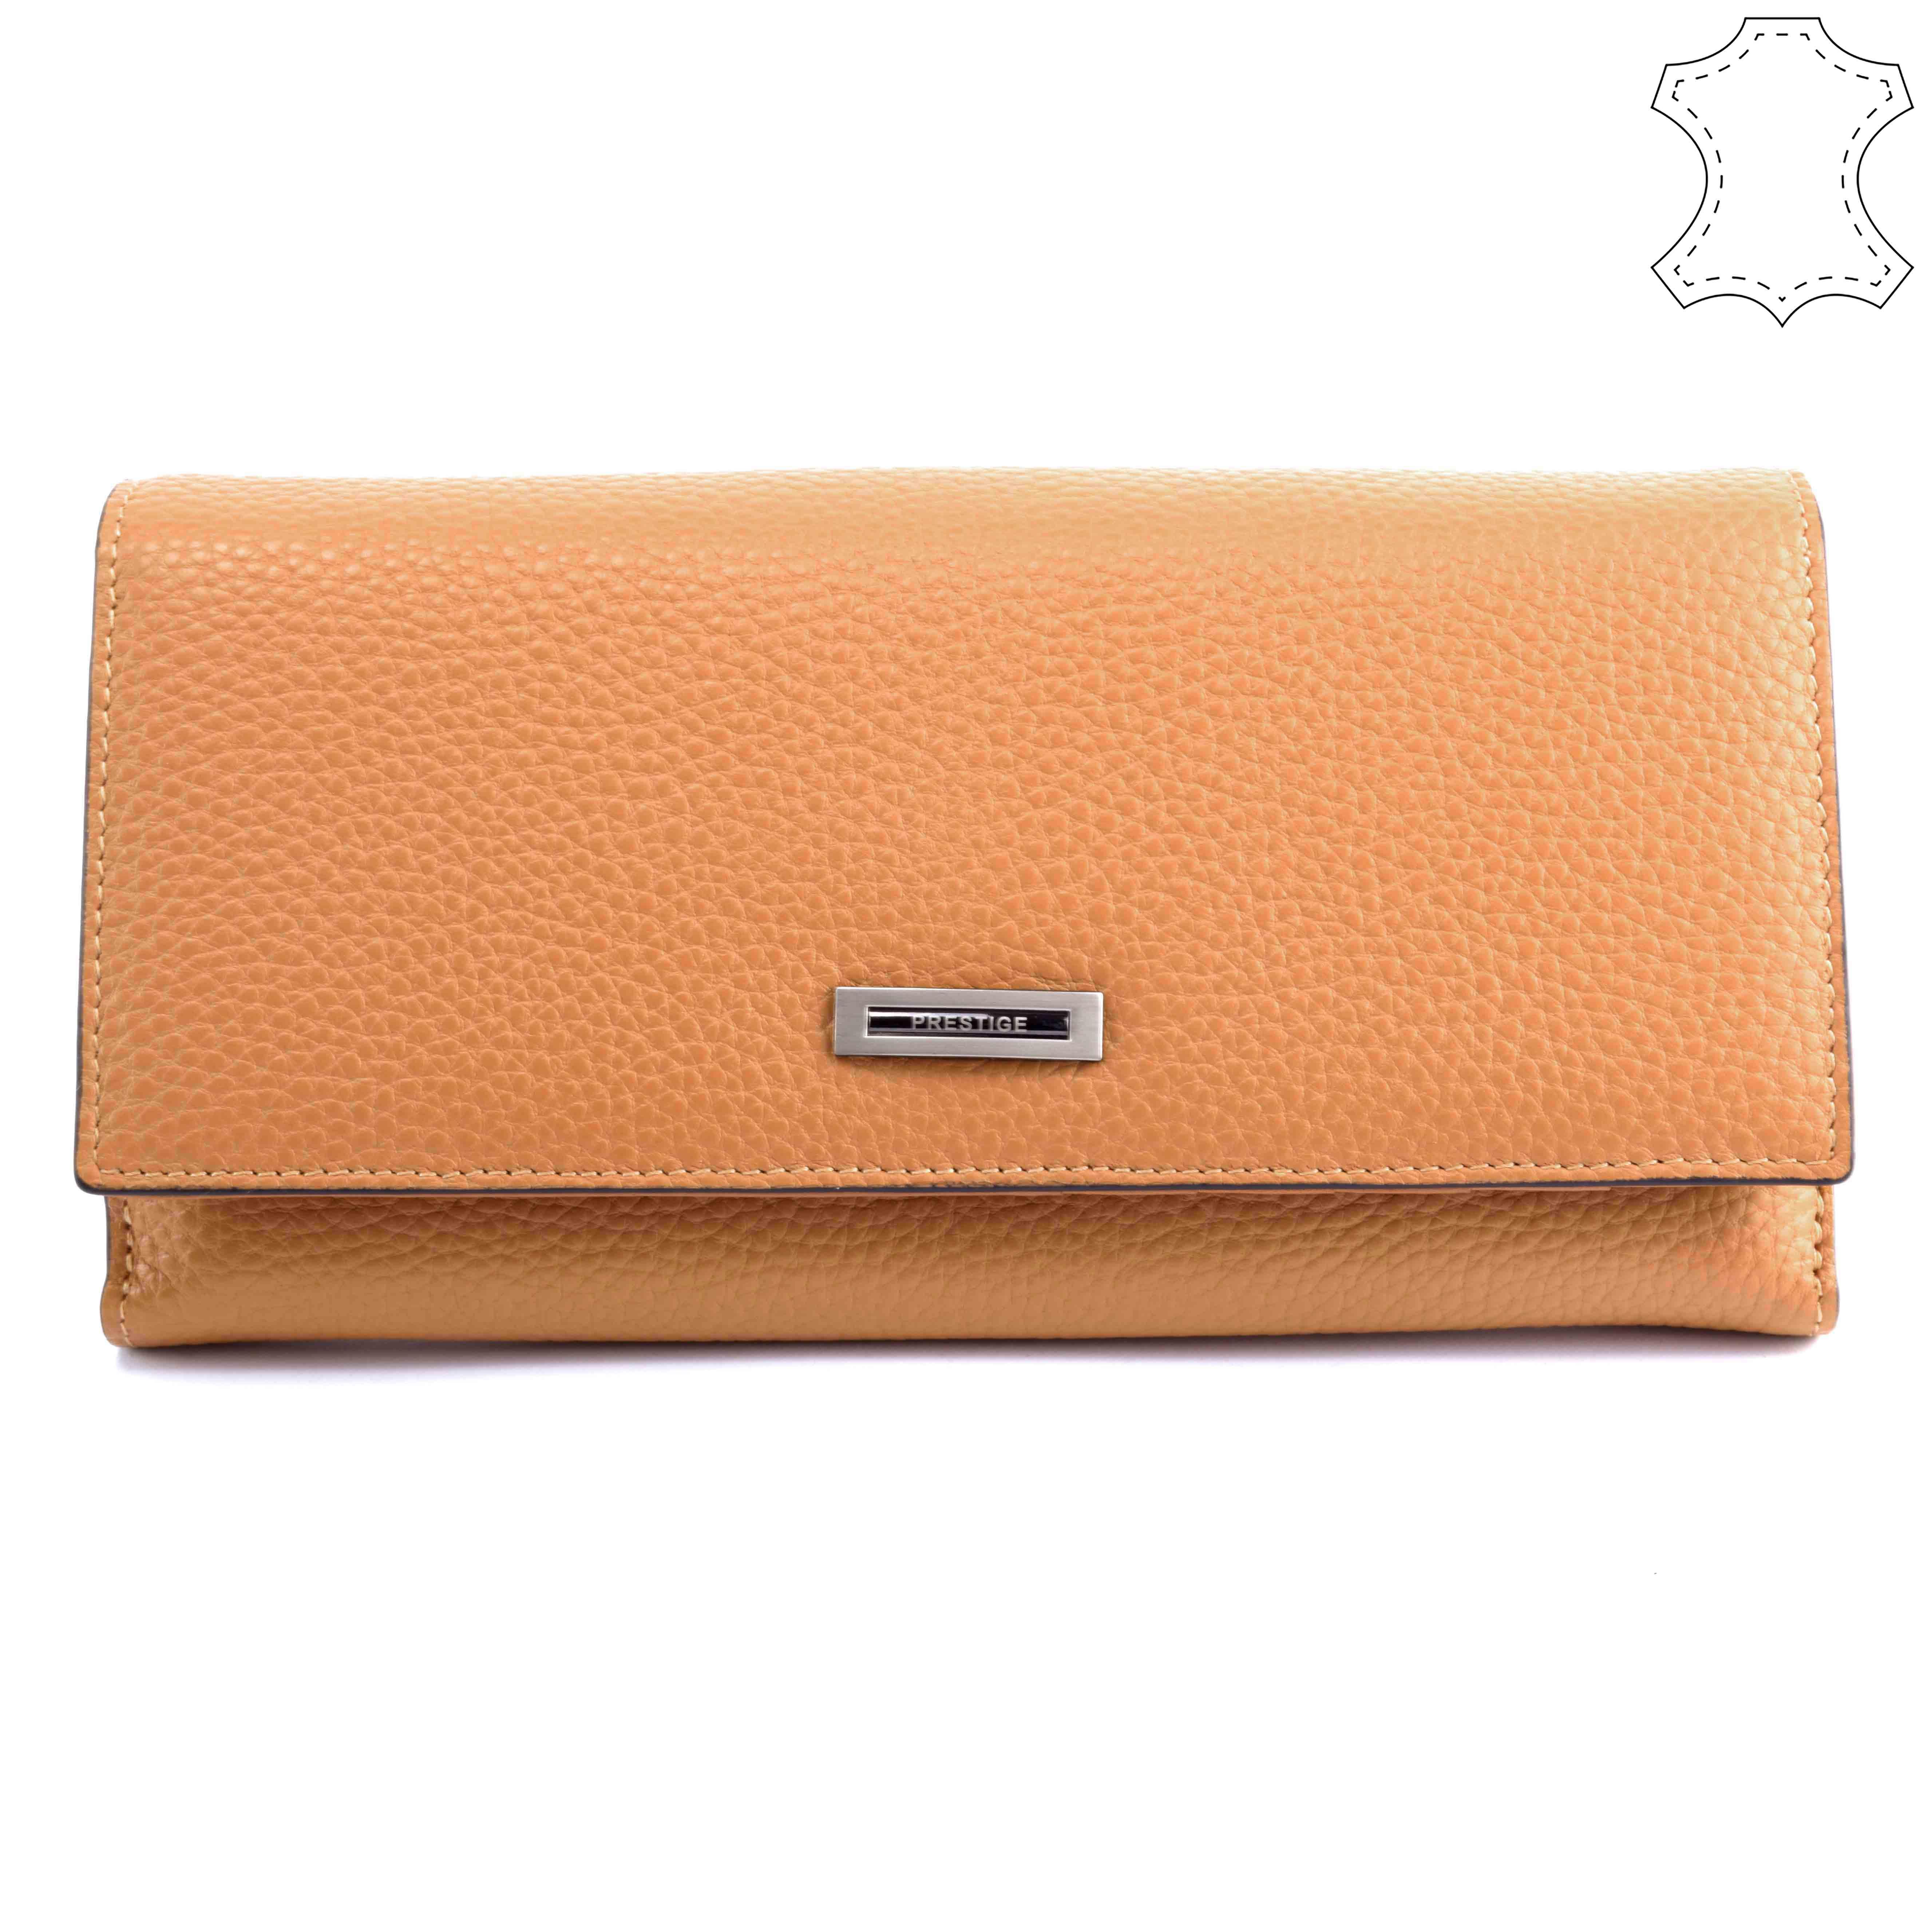 2e30f33e5a Prestige női sárga bőr pénztárca - NŐI PÉNZTÁRCÁK - Táska webáruház - Minőségi  táskák mindenkinek